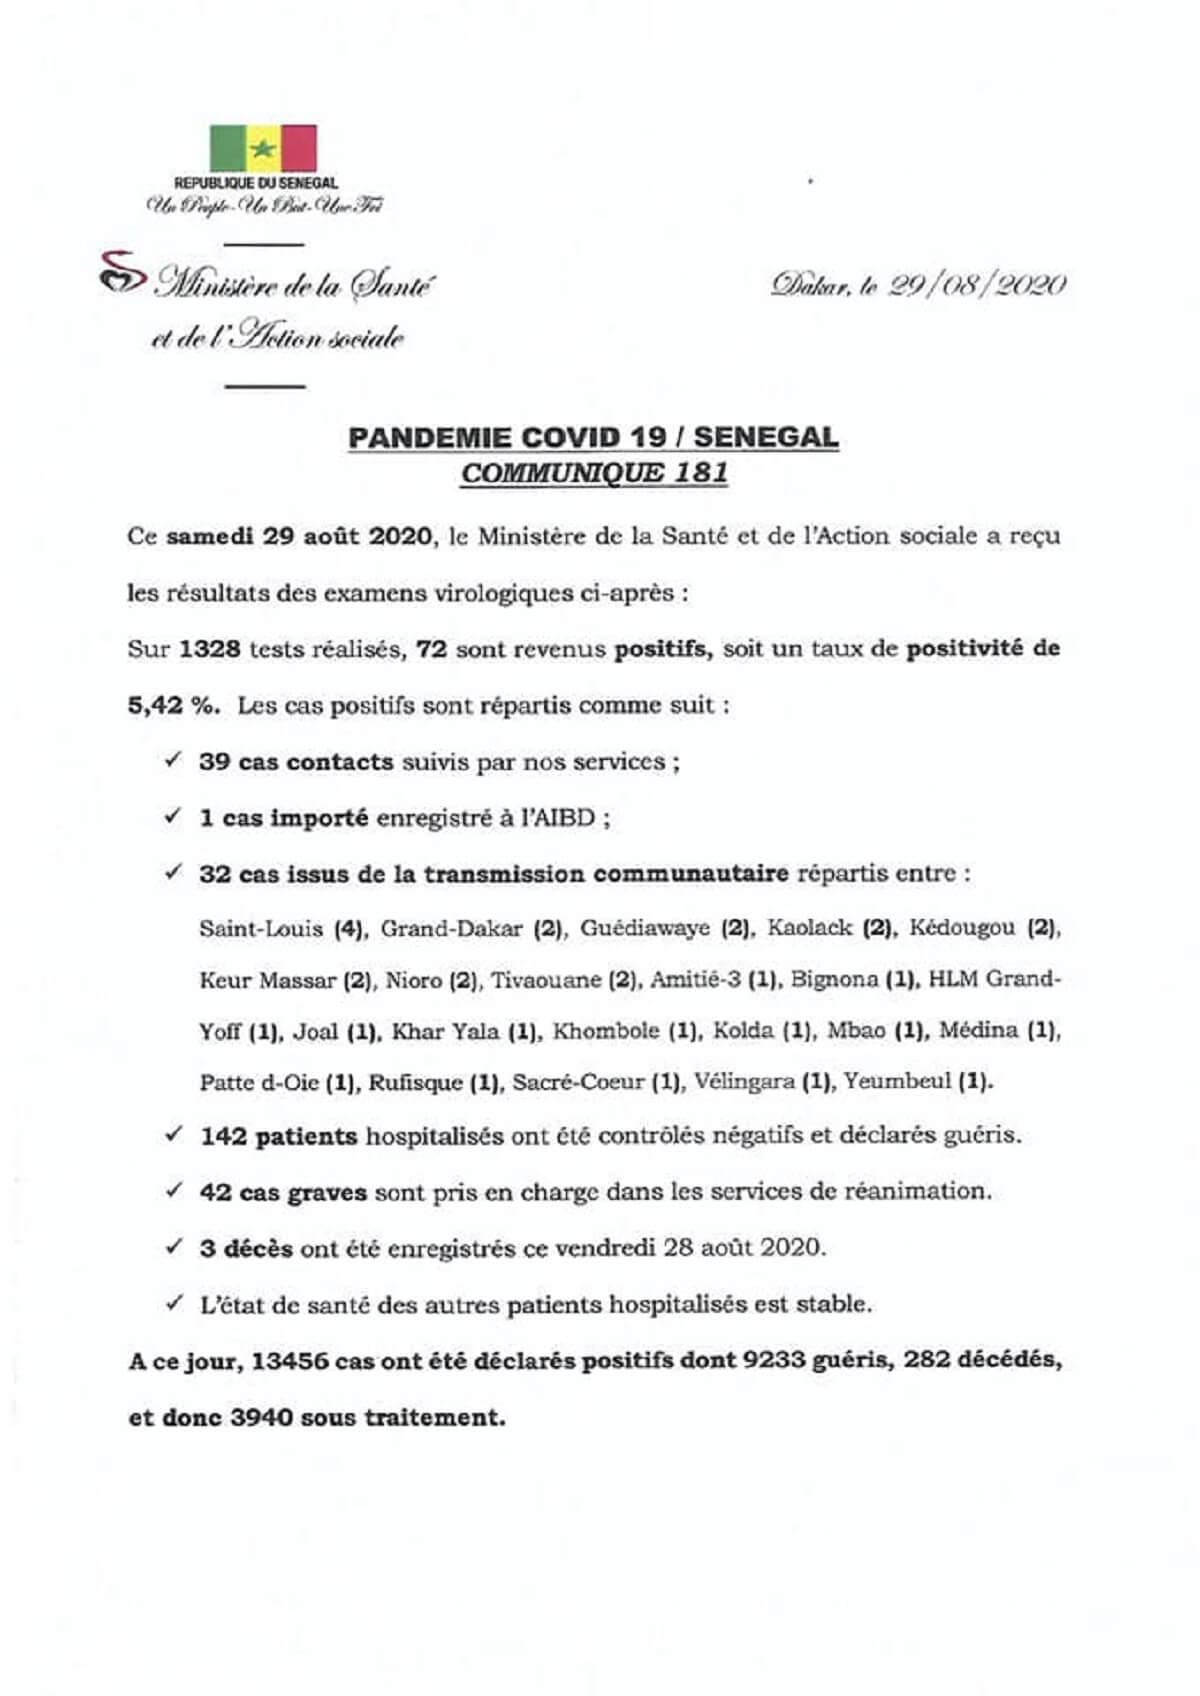 72 nouvelles contaminations au coronavirus / SITUATION DU JOUR - 29 AOUT 2020